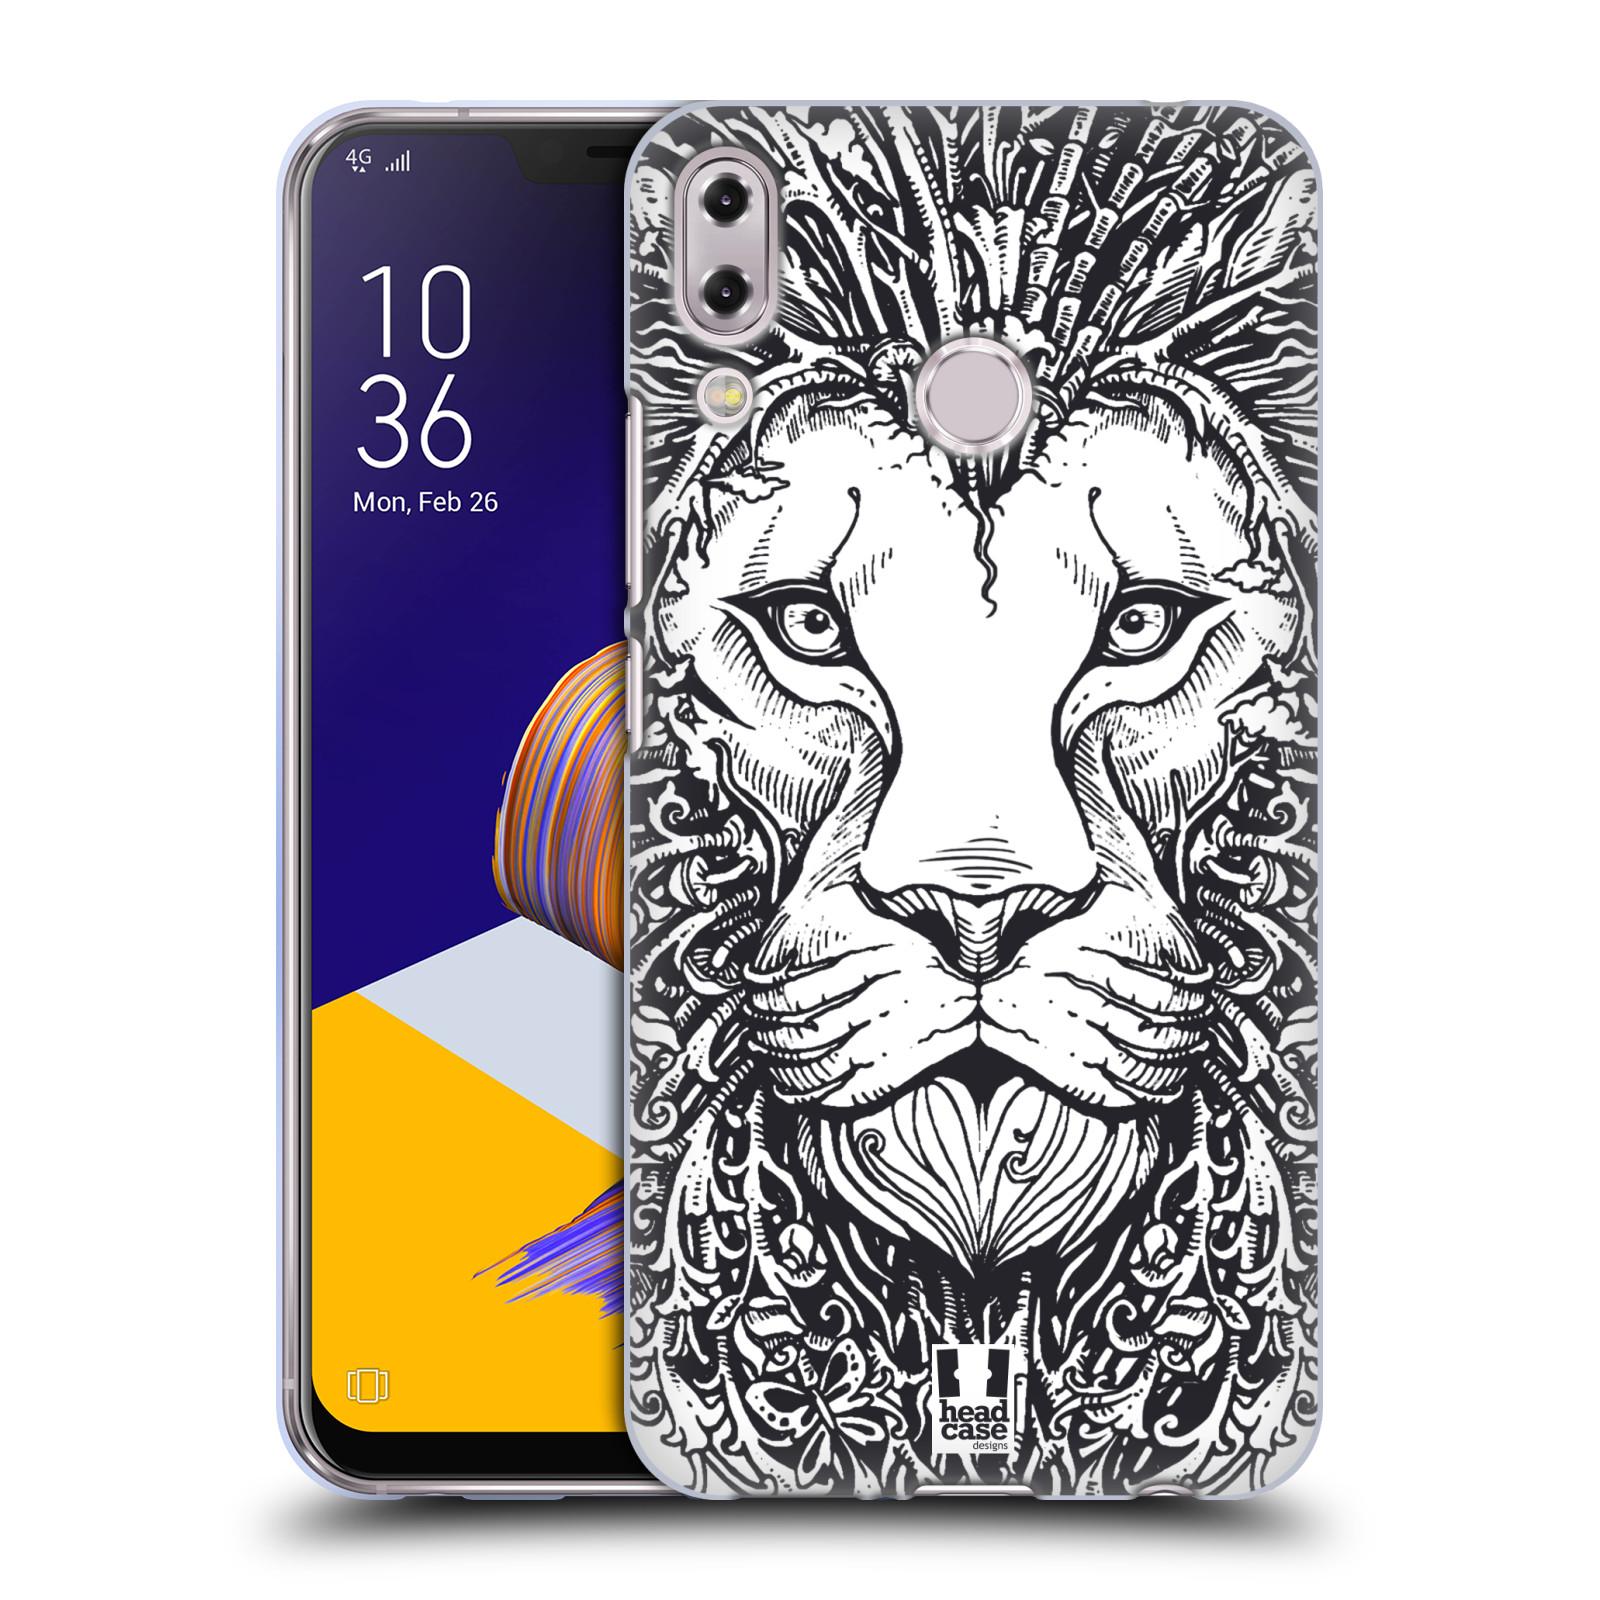 Silikonové pouzdro na mobil Asus Zenfone 5z ZS620KL - Head Case - DOODLE TVÁŘ LEV